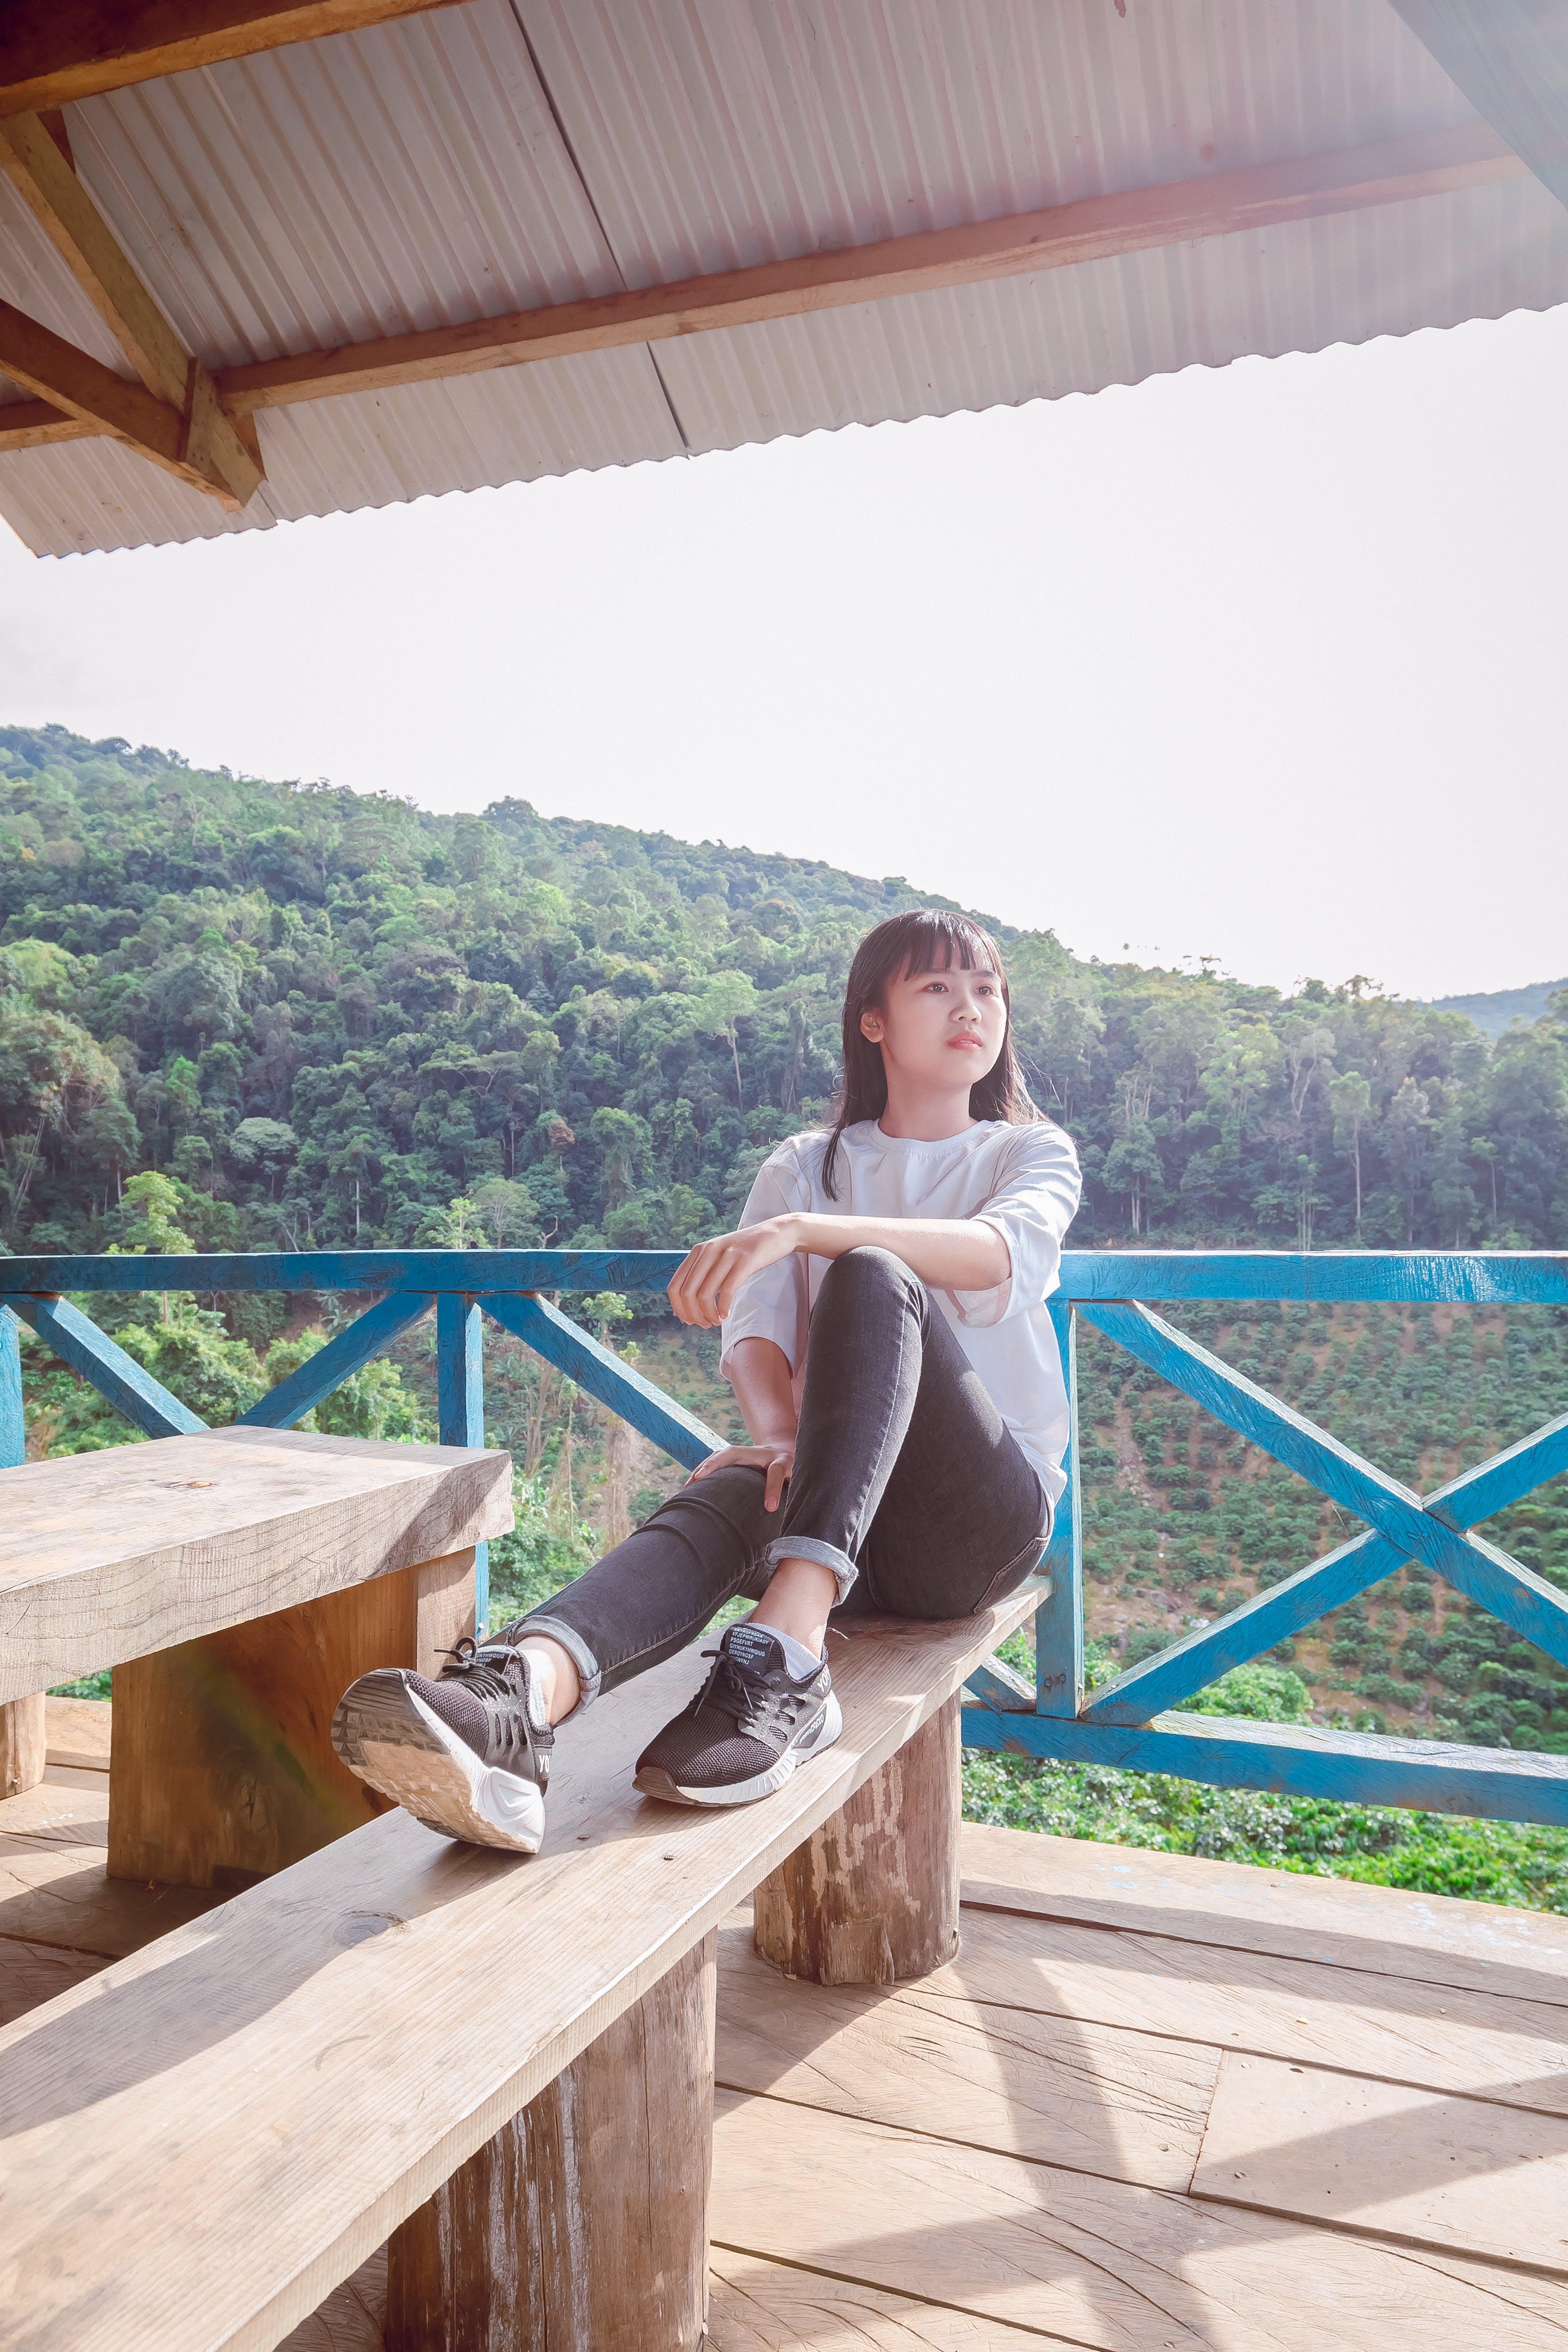 Kostenloses Stock Foto zu asiatin, asiatische frau, balkon, bank